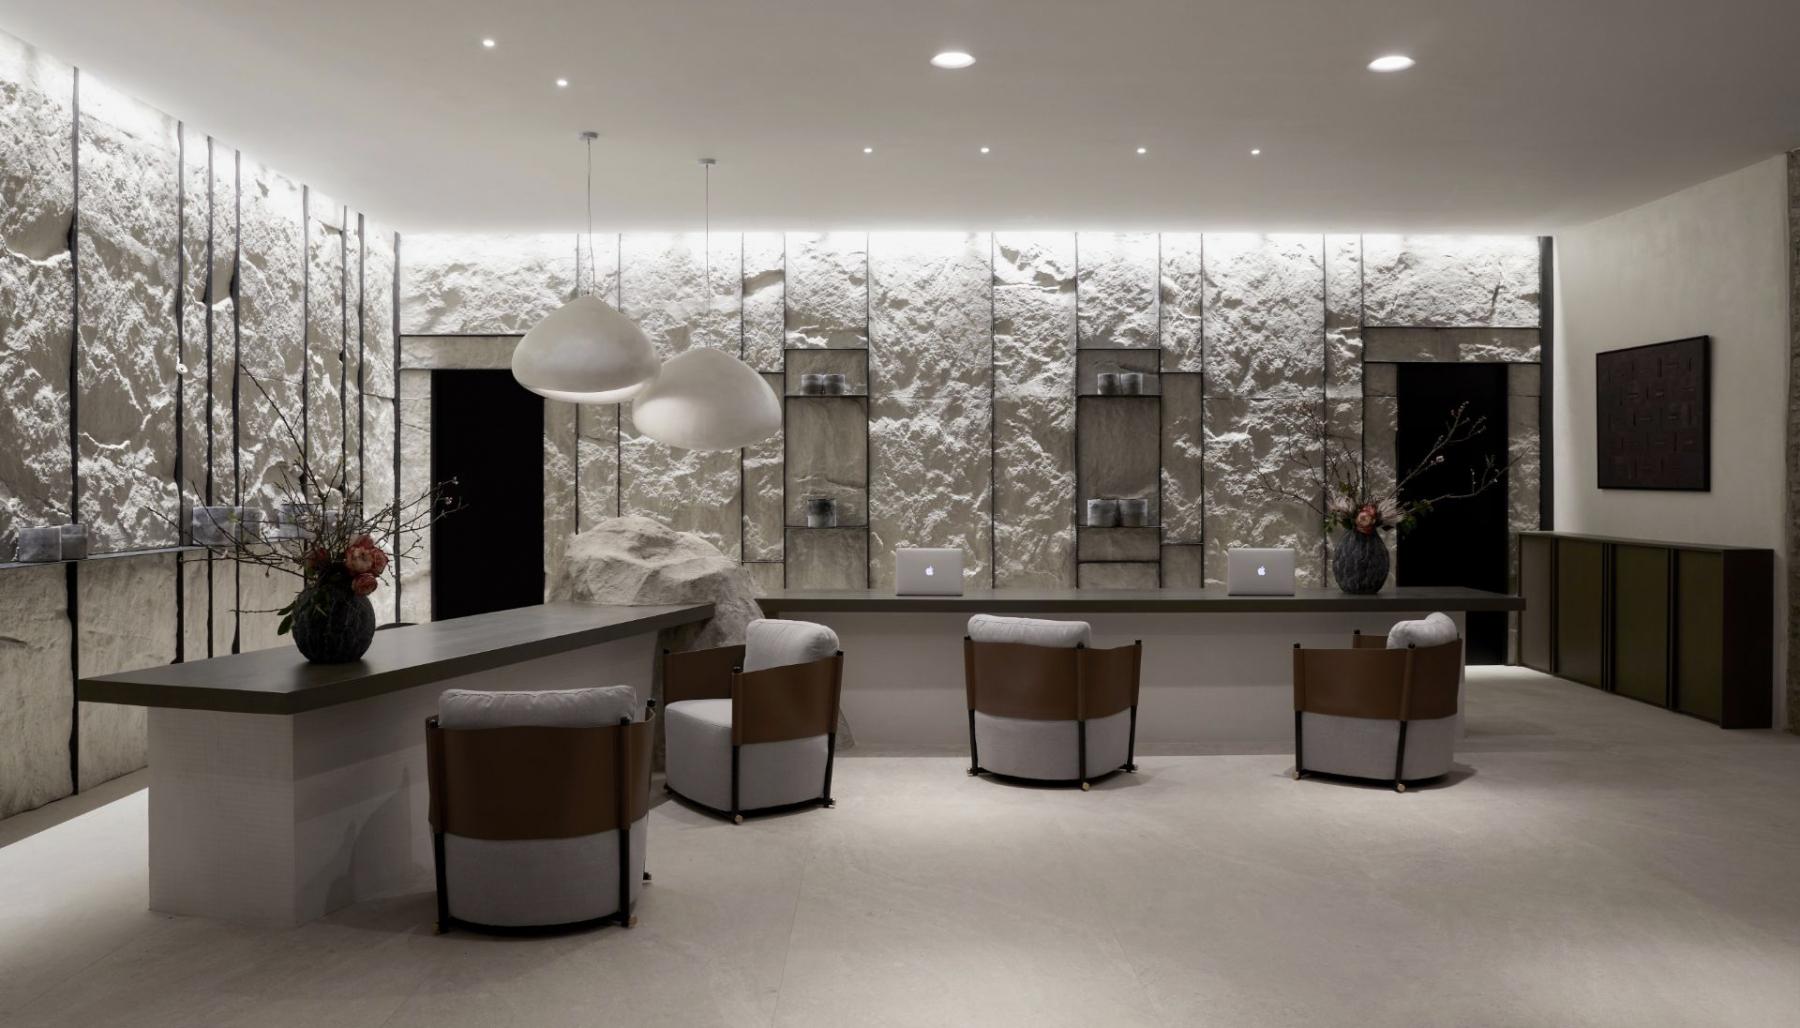 1_2_Hall-Aeonic-Suites-Spa-Luxury-Hotel-Mykonos-98